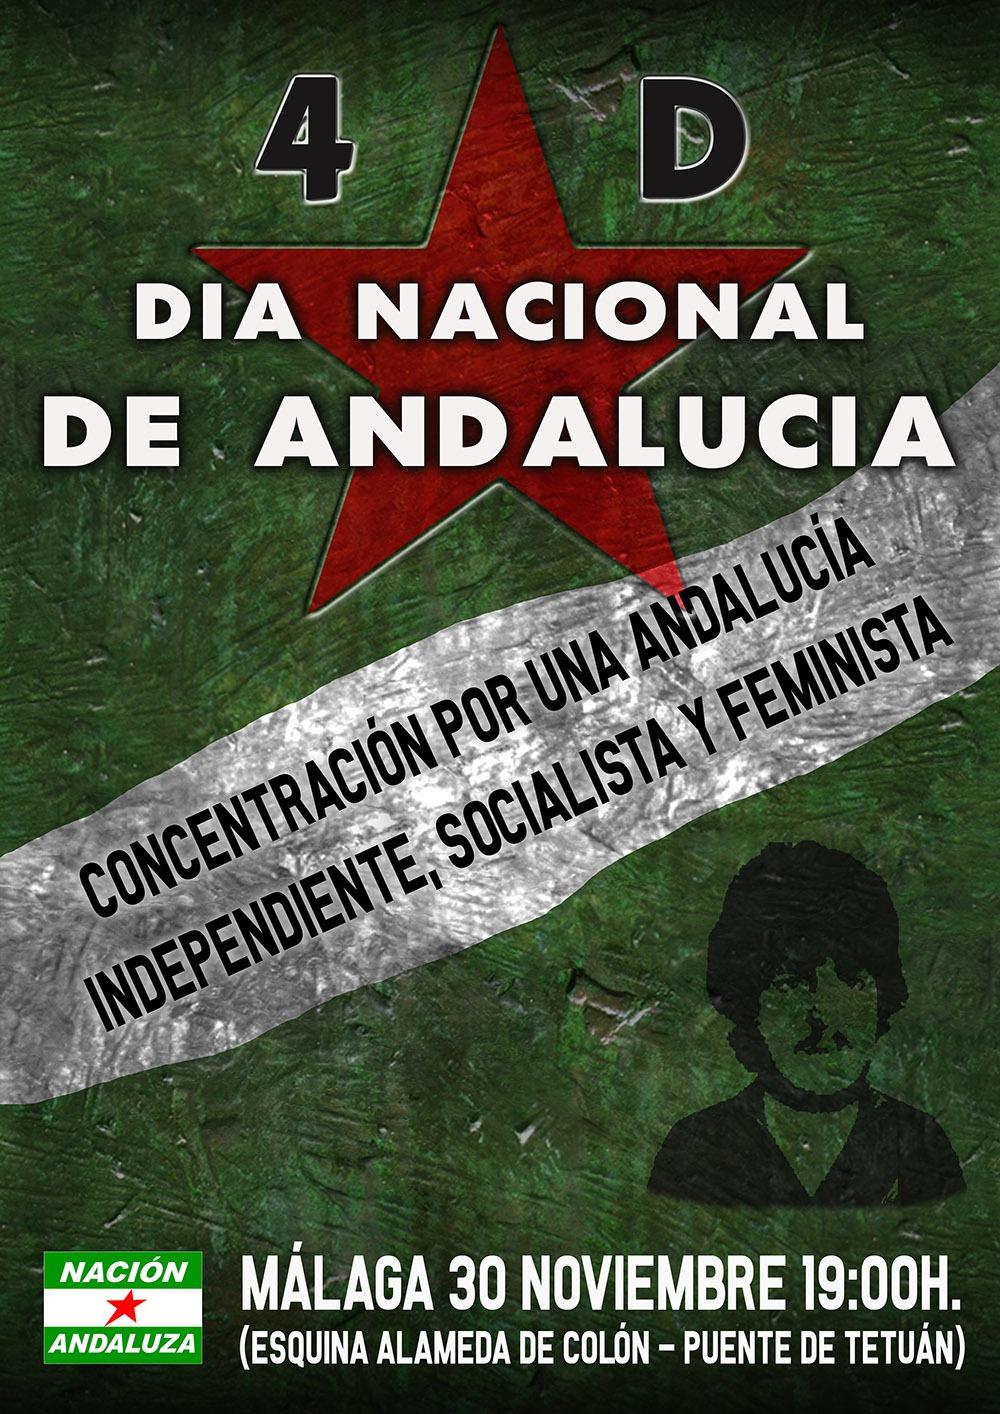 Conmemoración del 4D-Día Nacional de Andalucía ¡Por una Andalucía independiente, socialista y feminista!